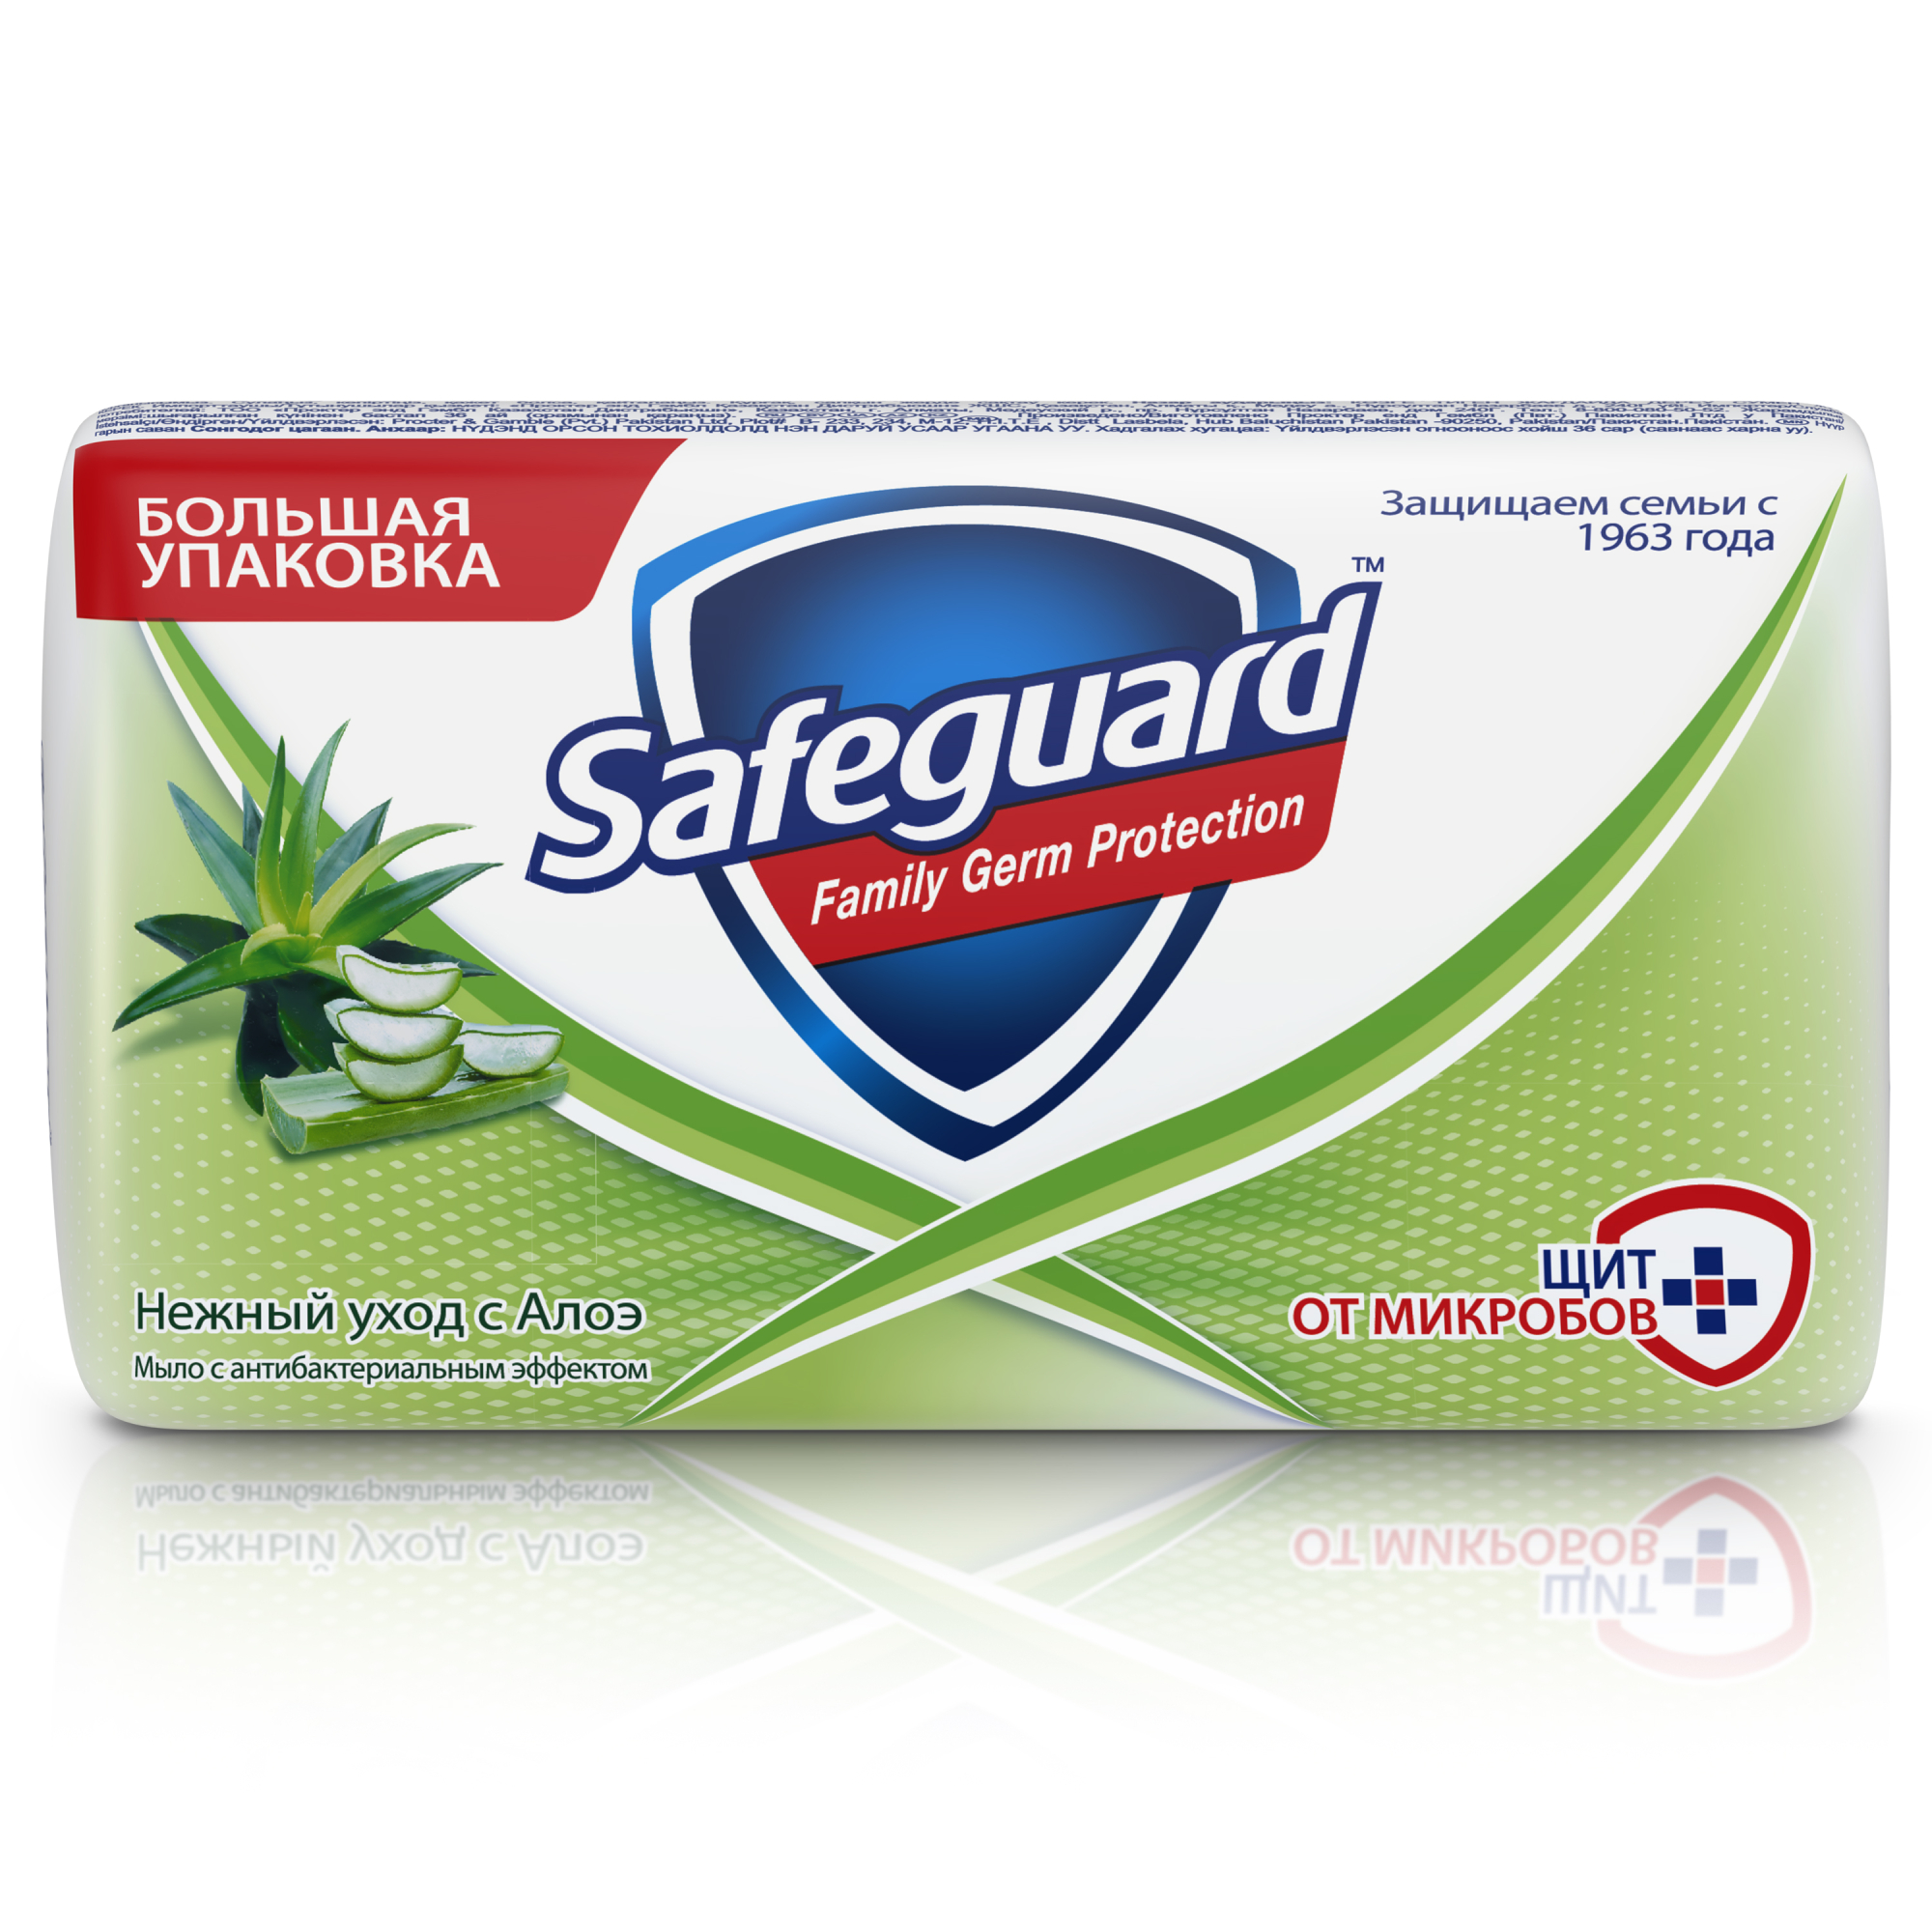 Мыло Safeguard Антибактериальное Нежный уход с Алоэ 125 г недорого